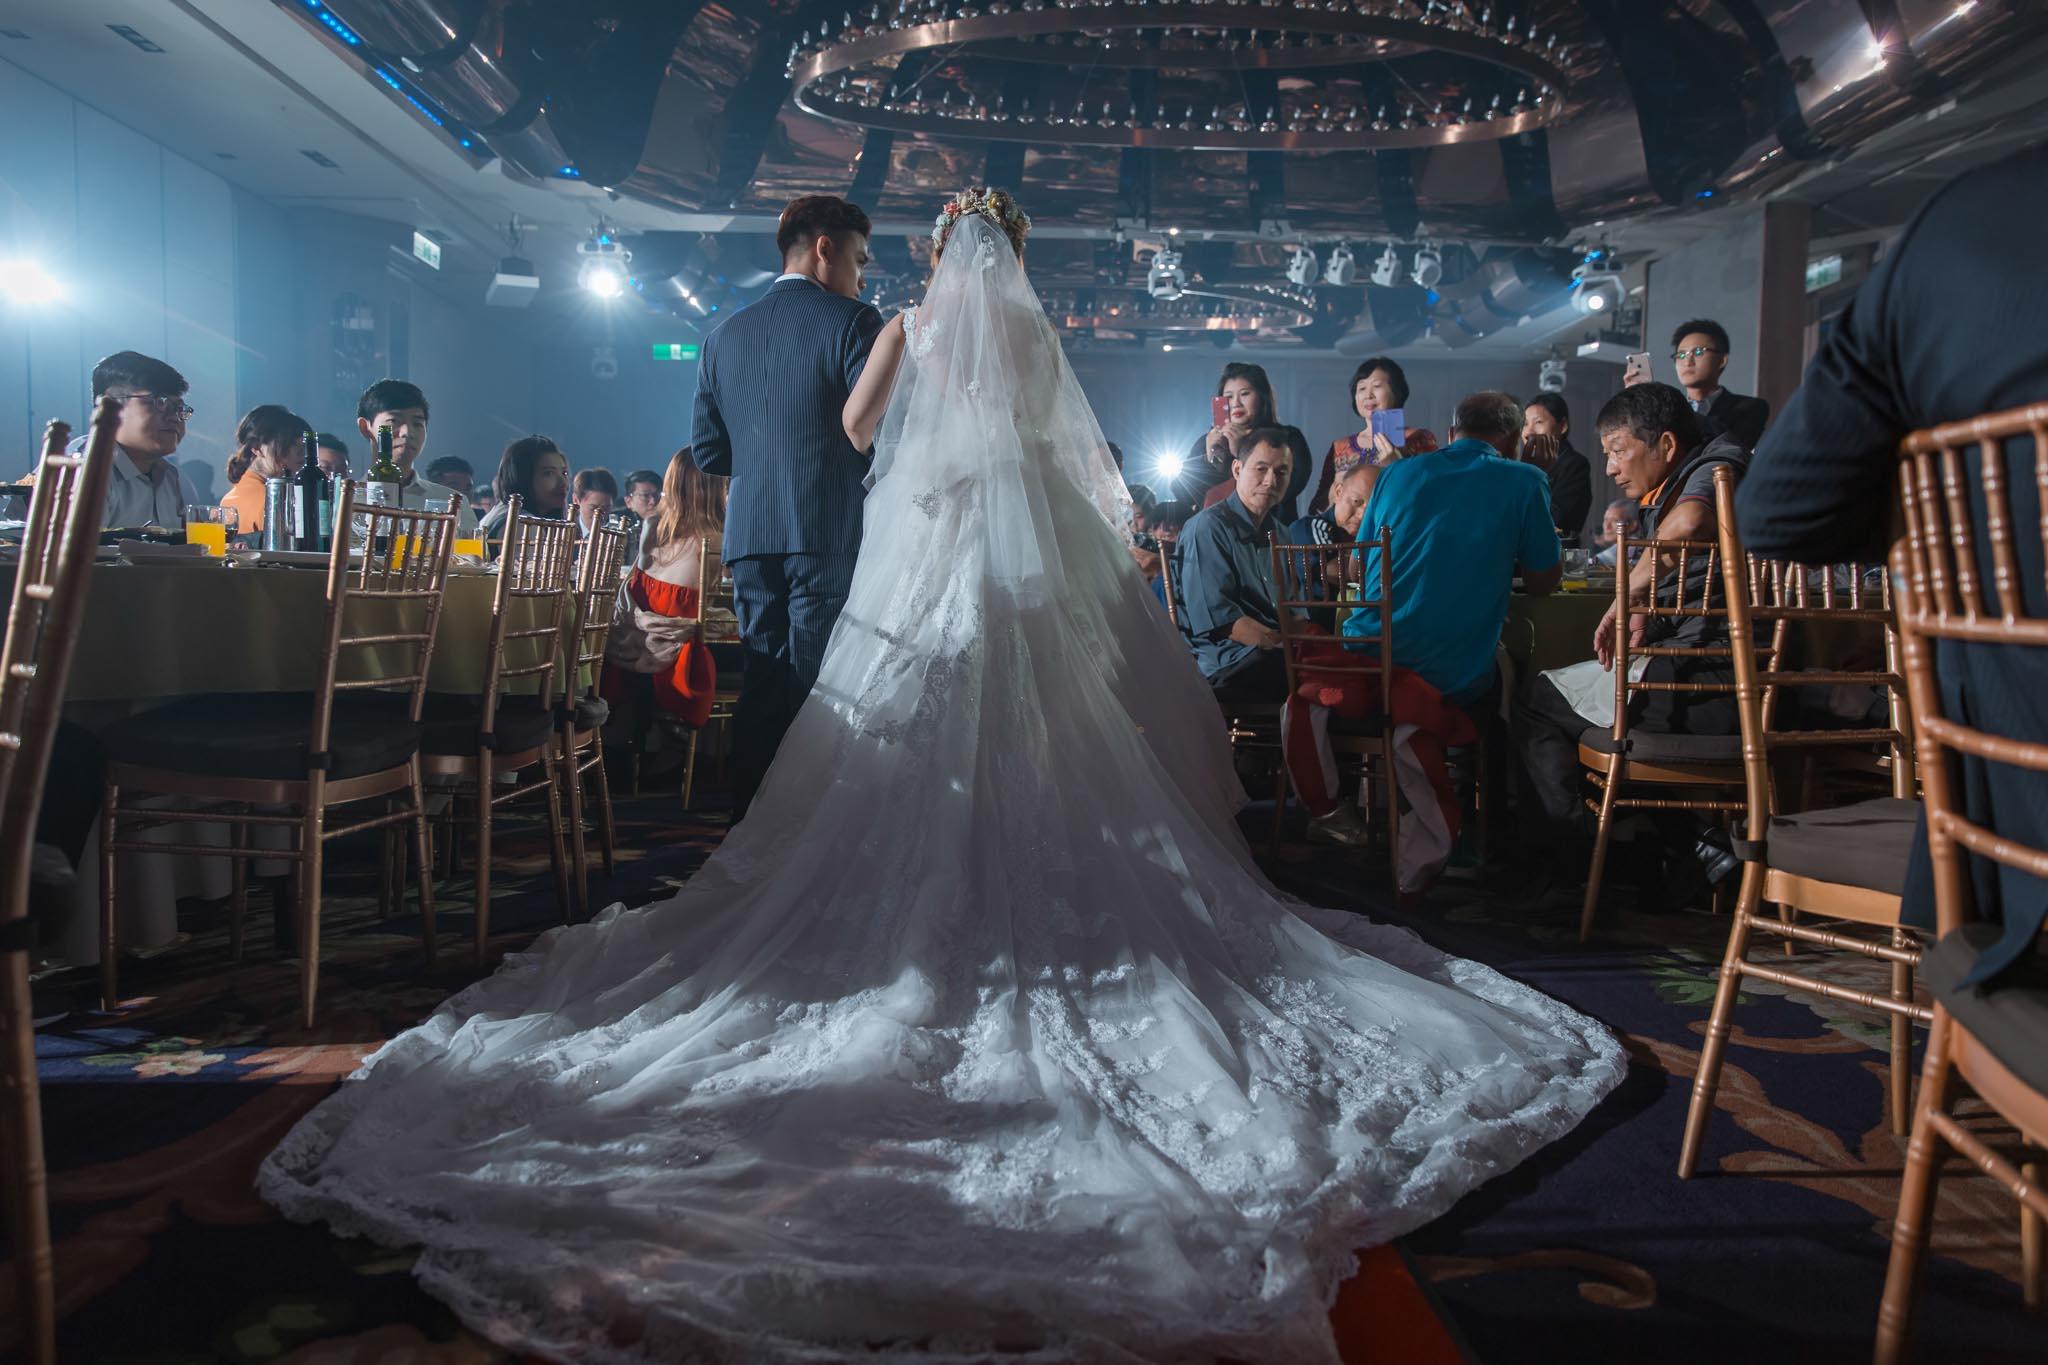 ユニーク 結婚 式 準備 物 - 壁紙搭配